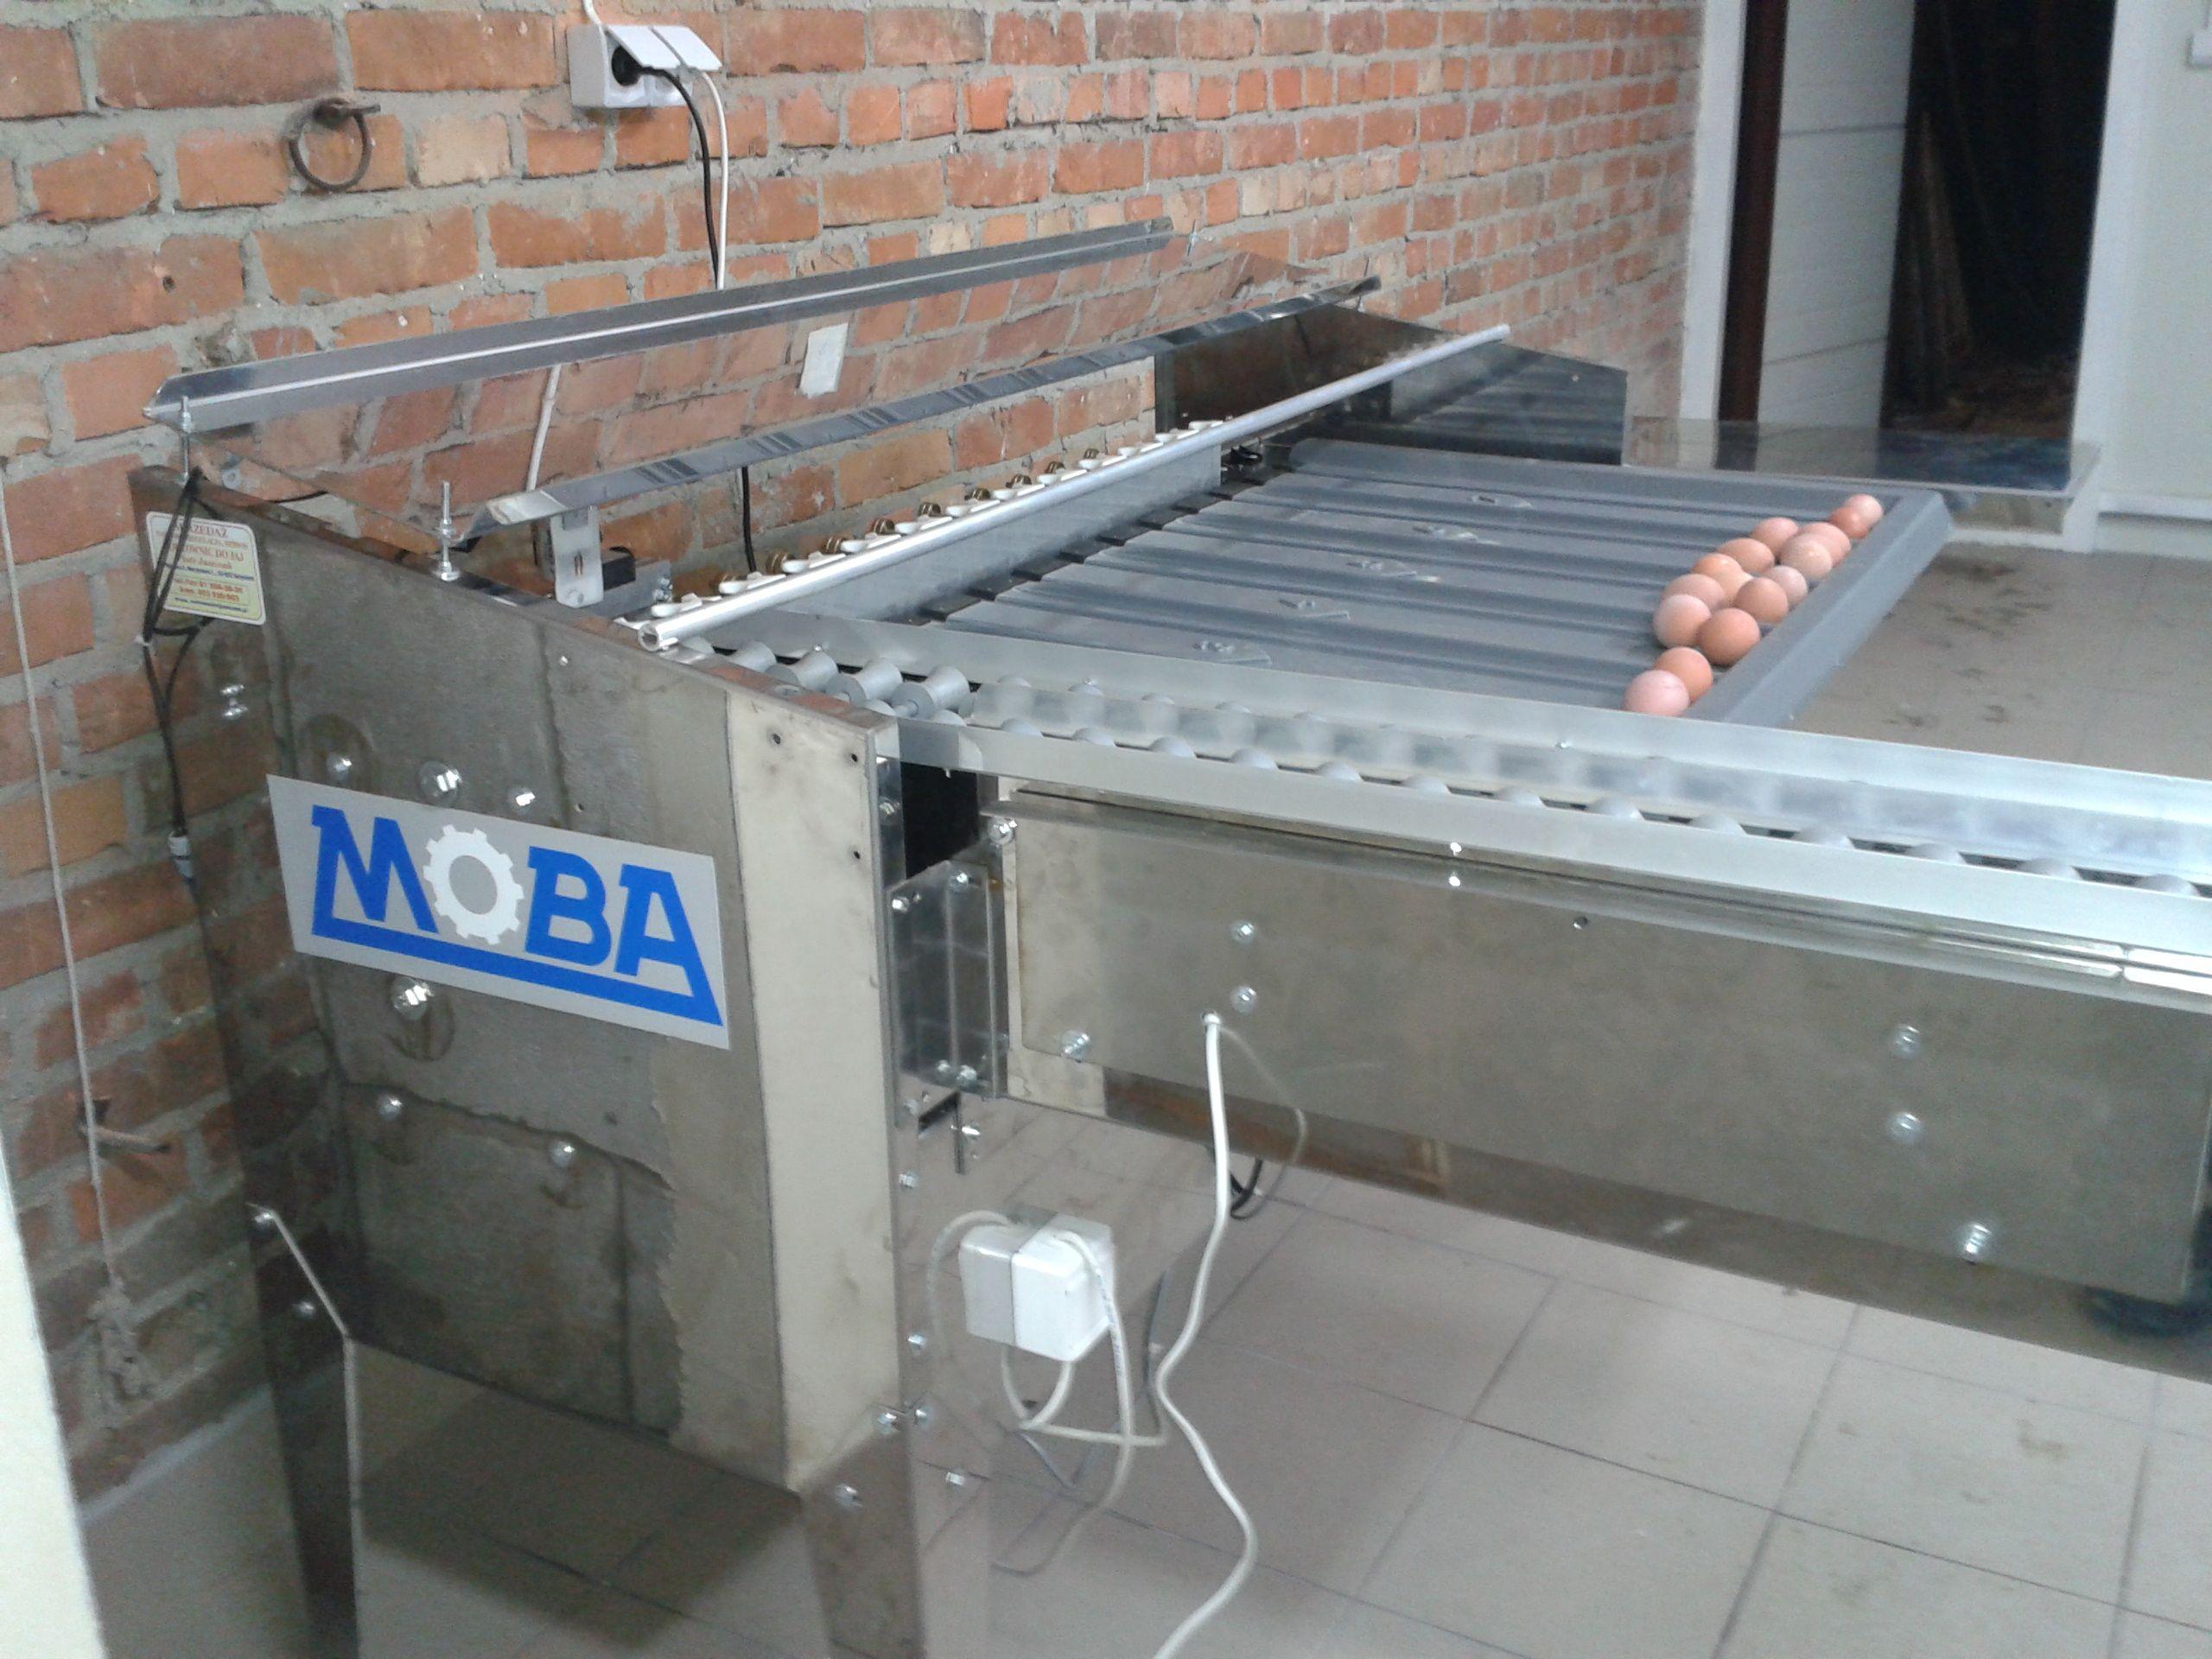 moba 88 wydajność 4500 jaj/h